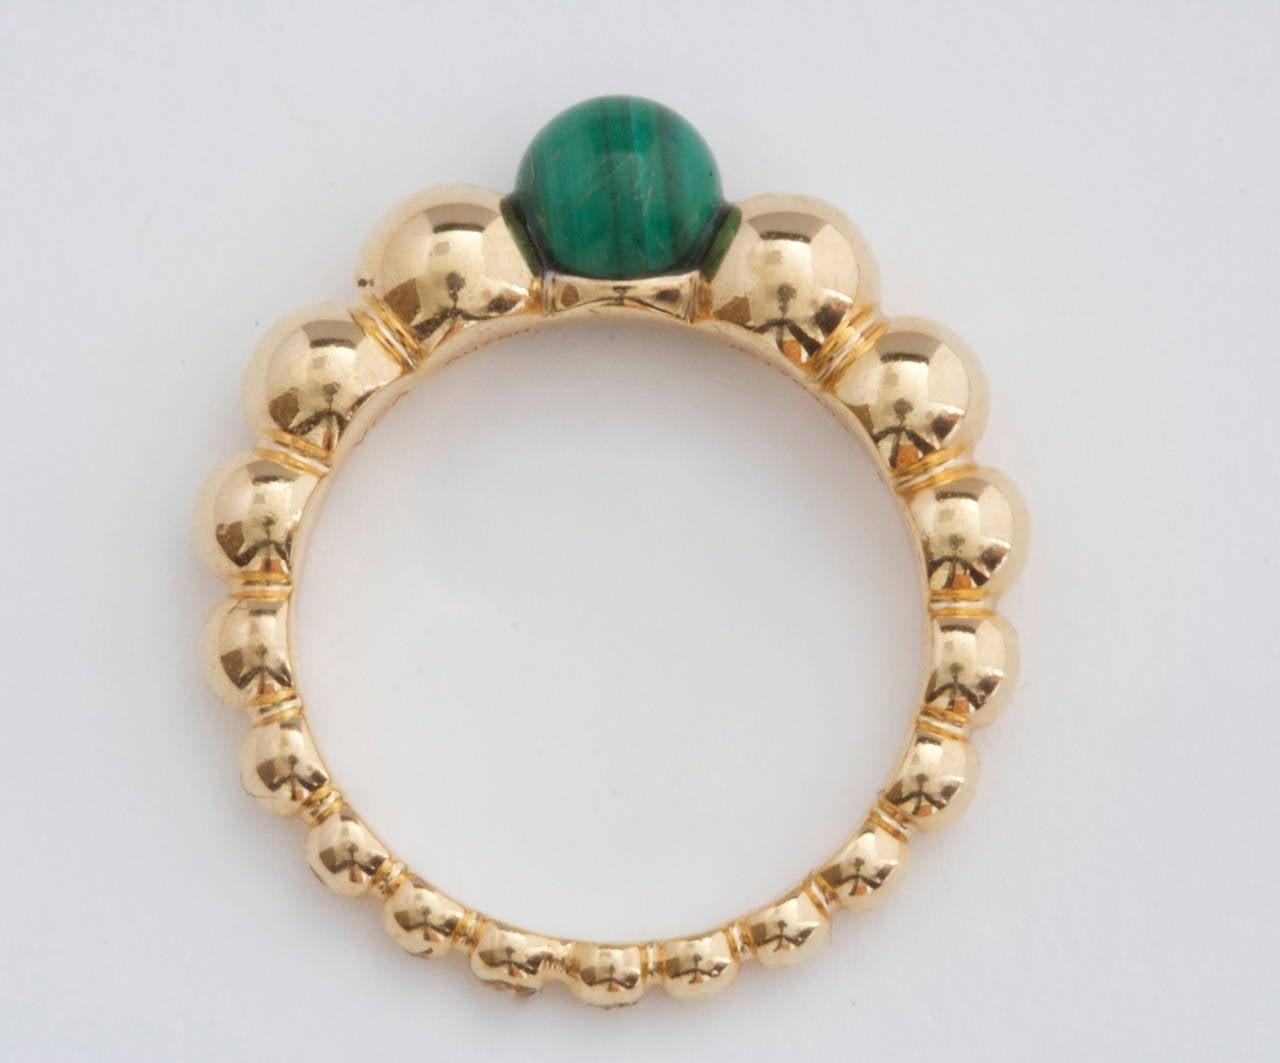 Van Cleef & Arpels Perlee Malachite Gold Ring 4